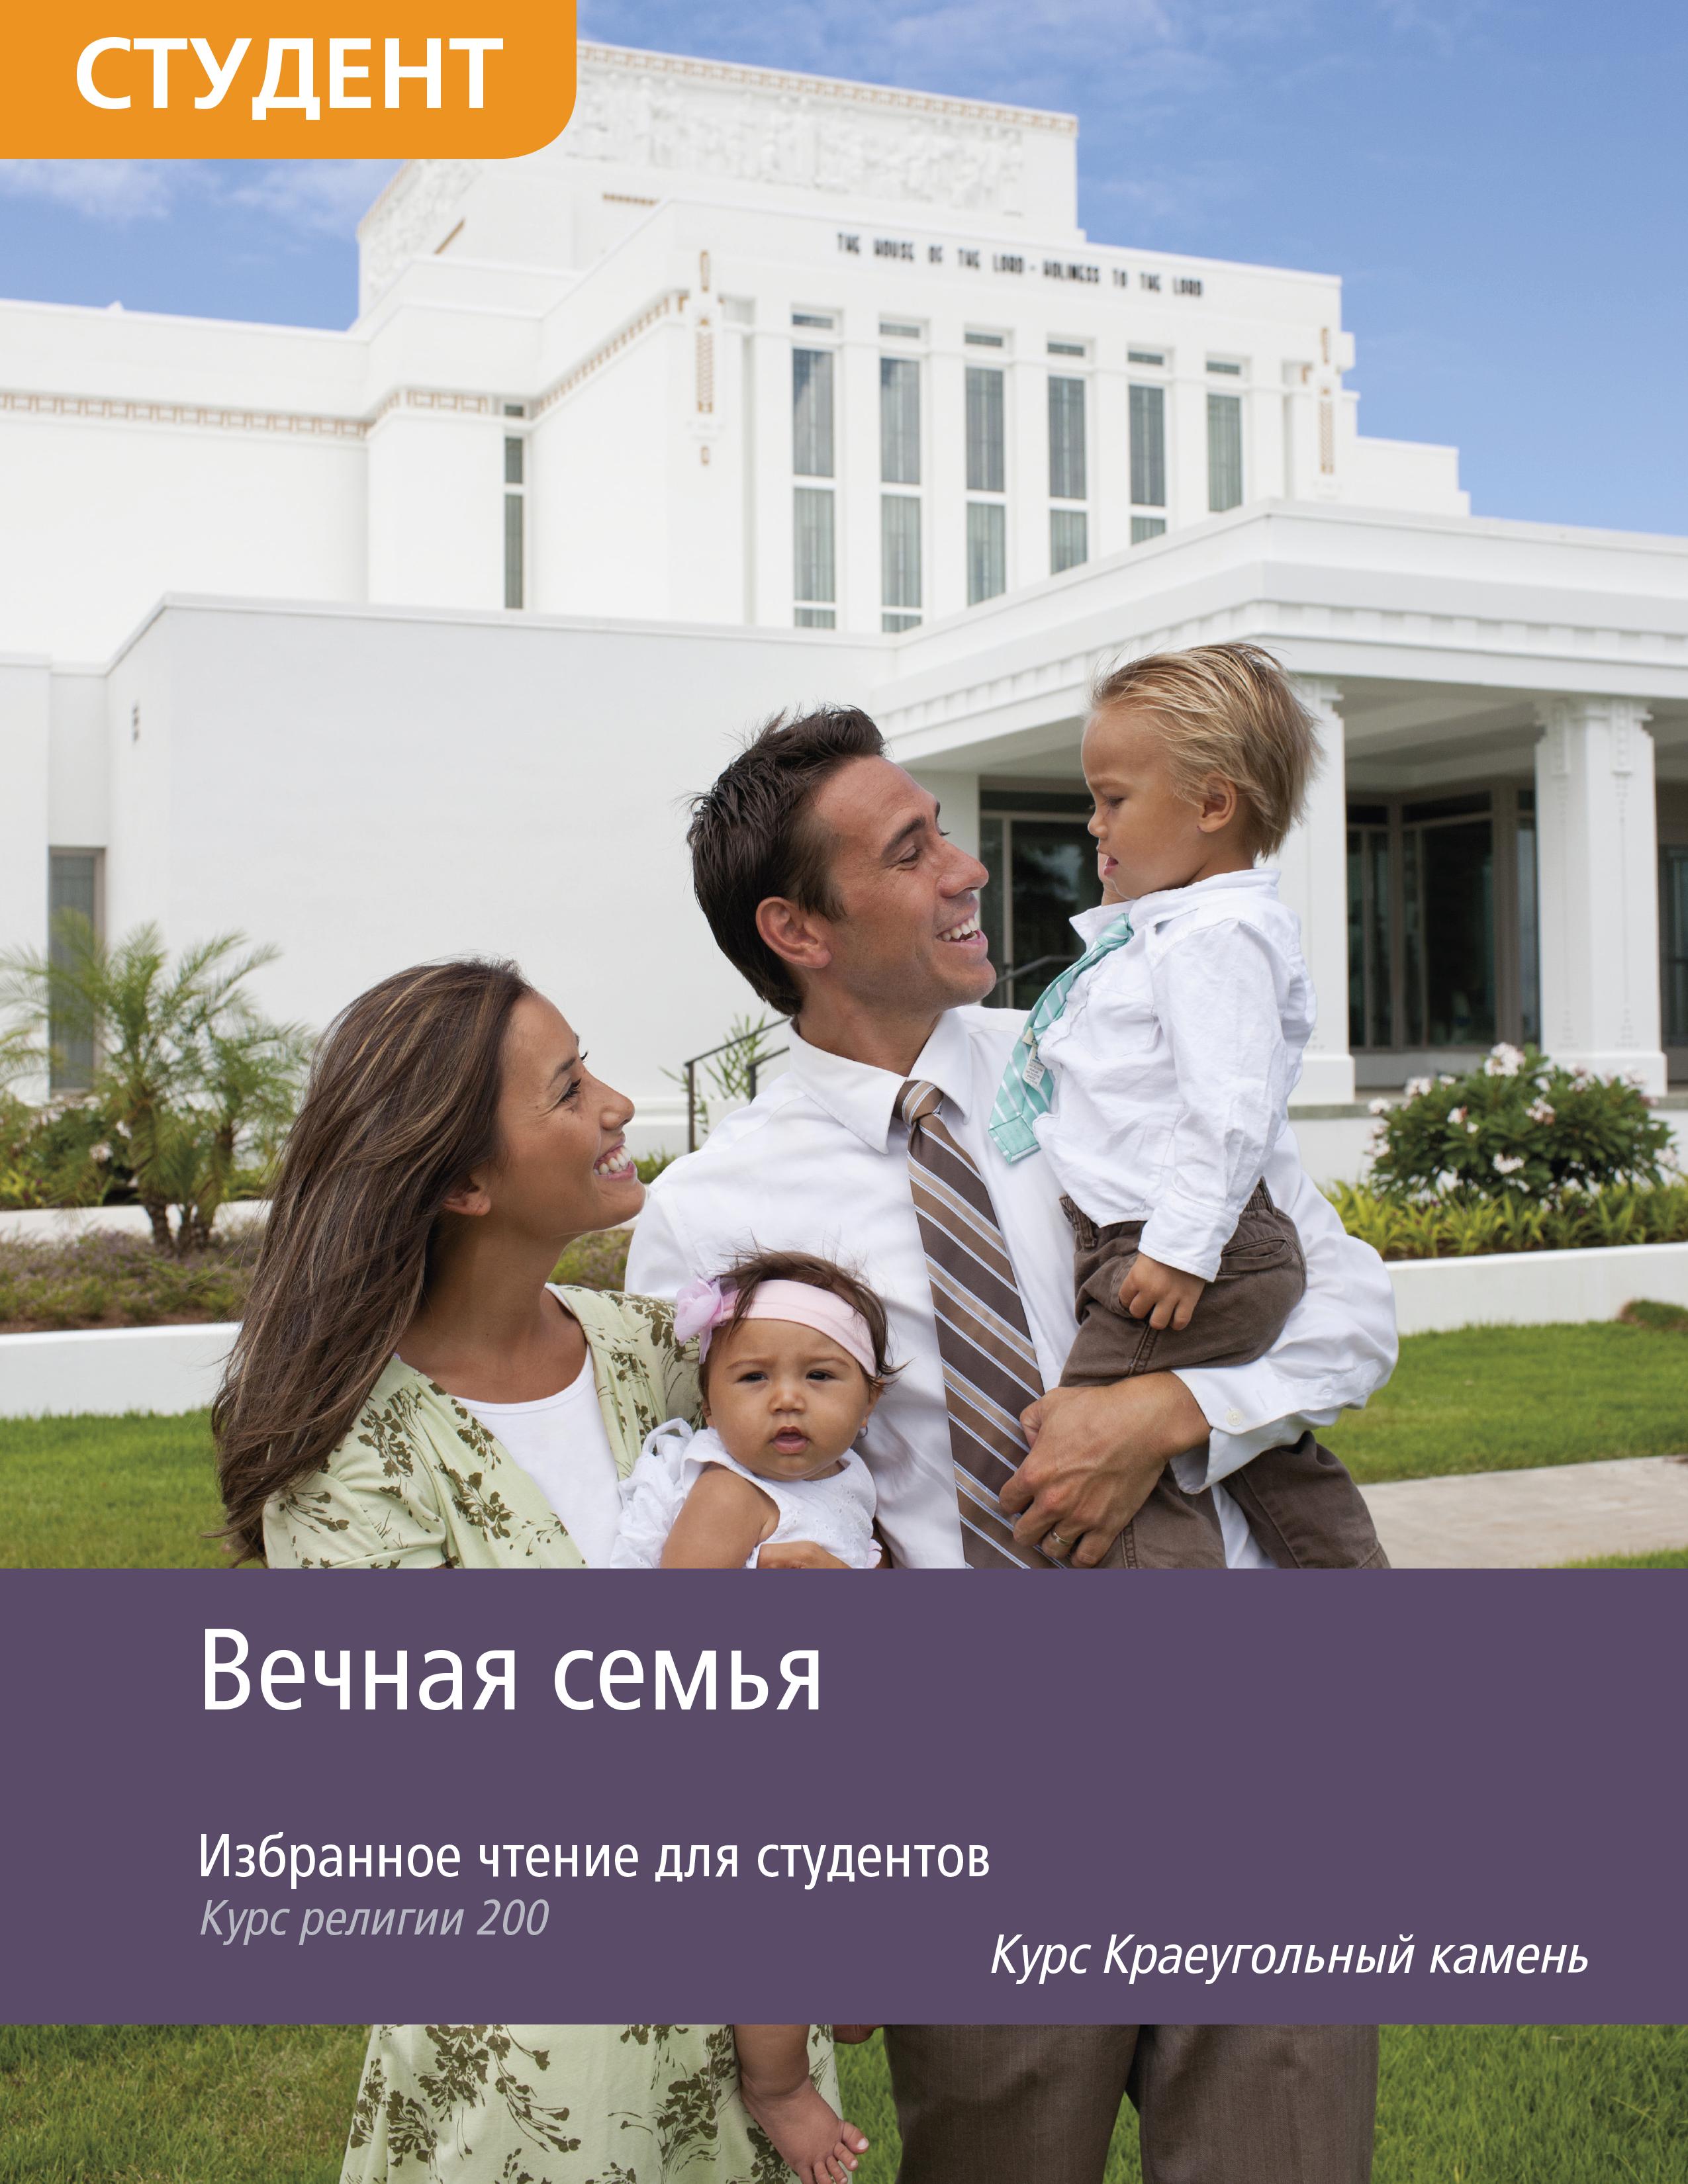 Вечная семья. Избранное чтение для студентов (КР 200)